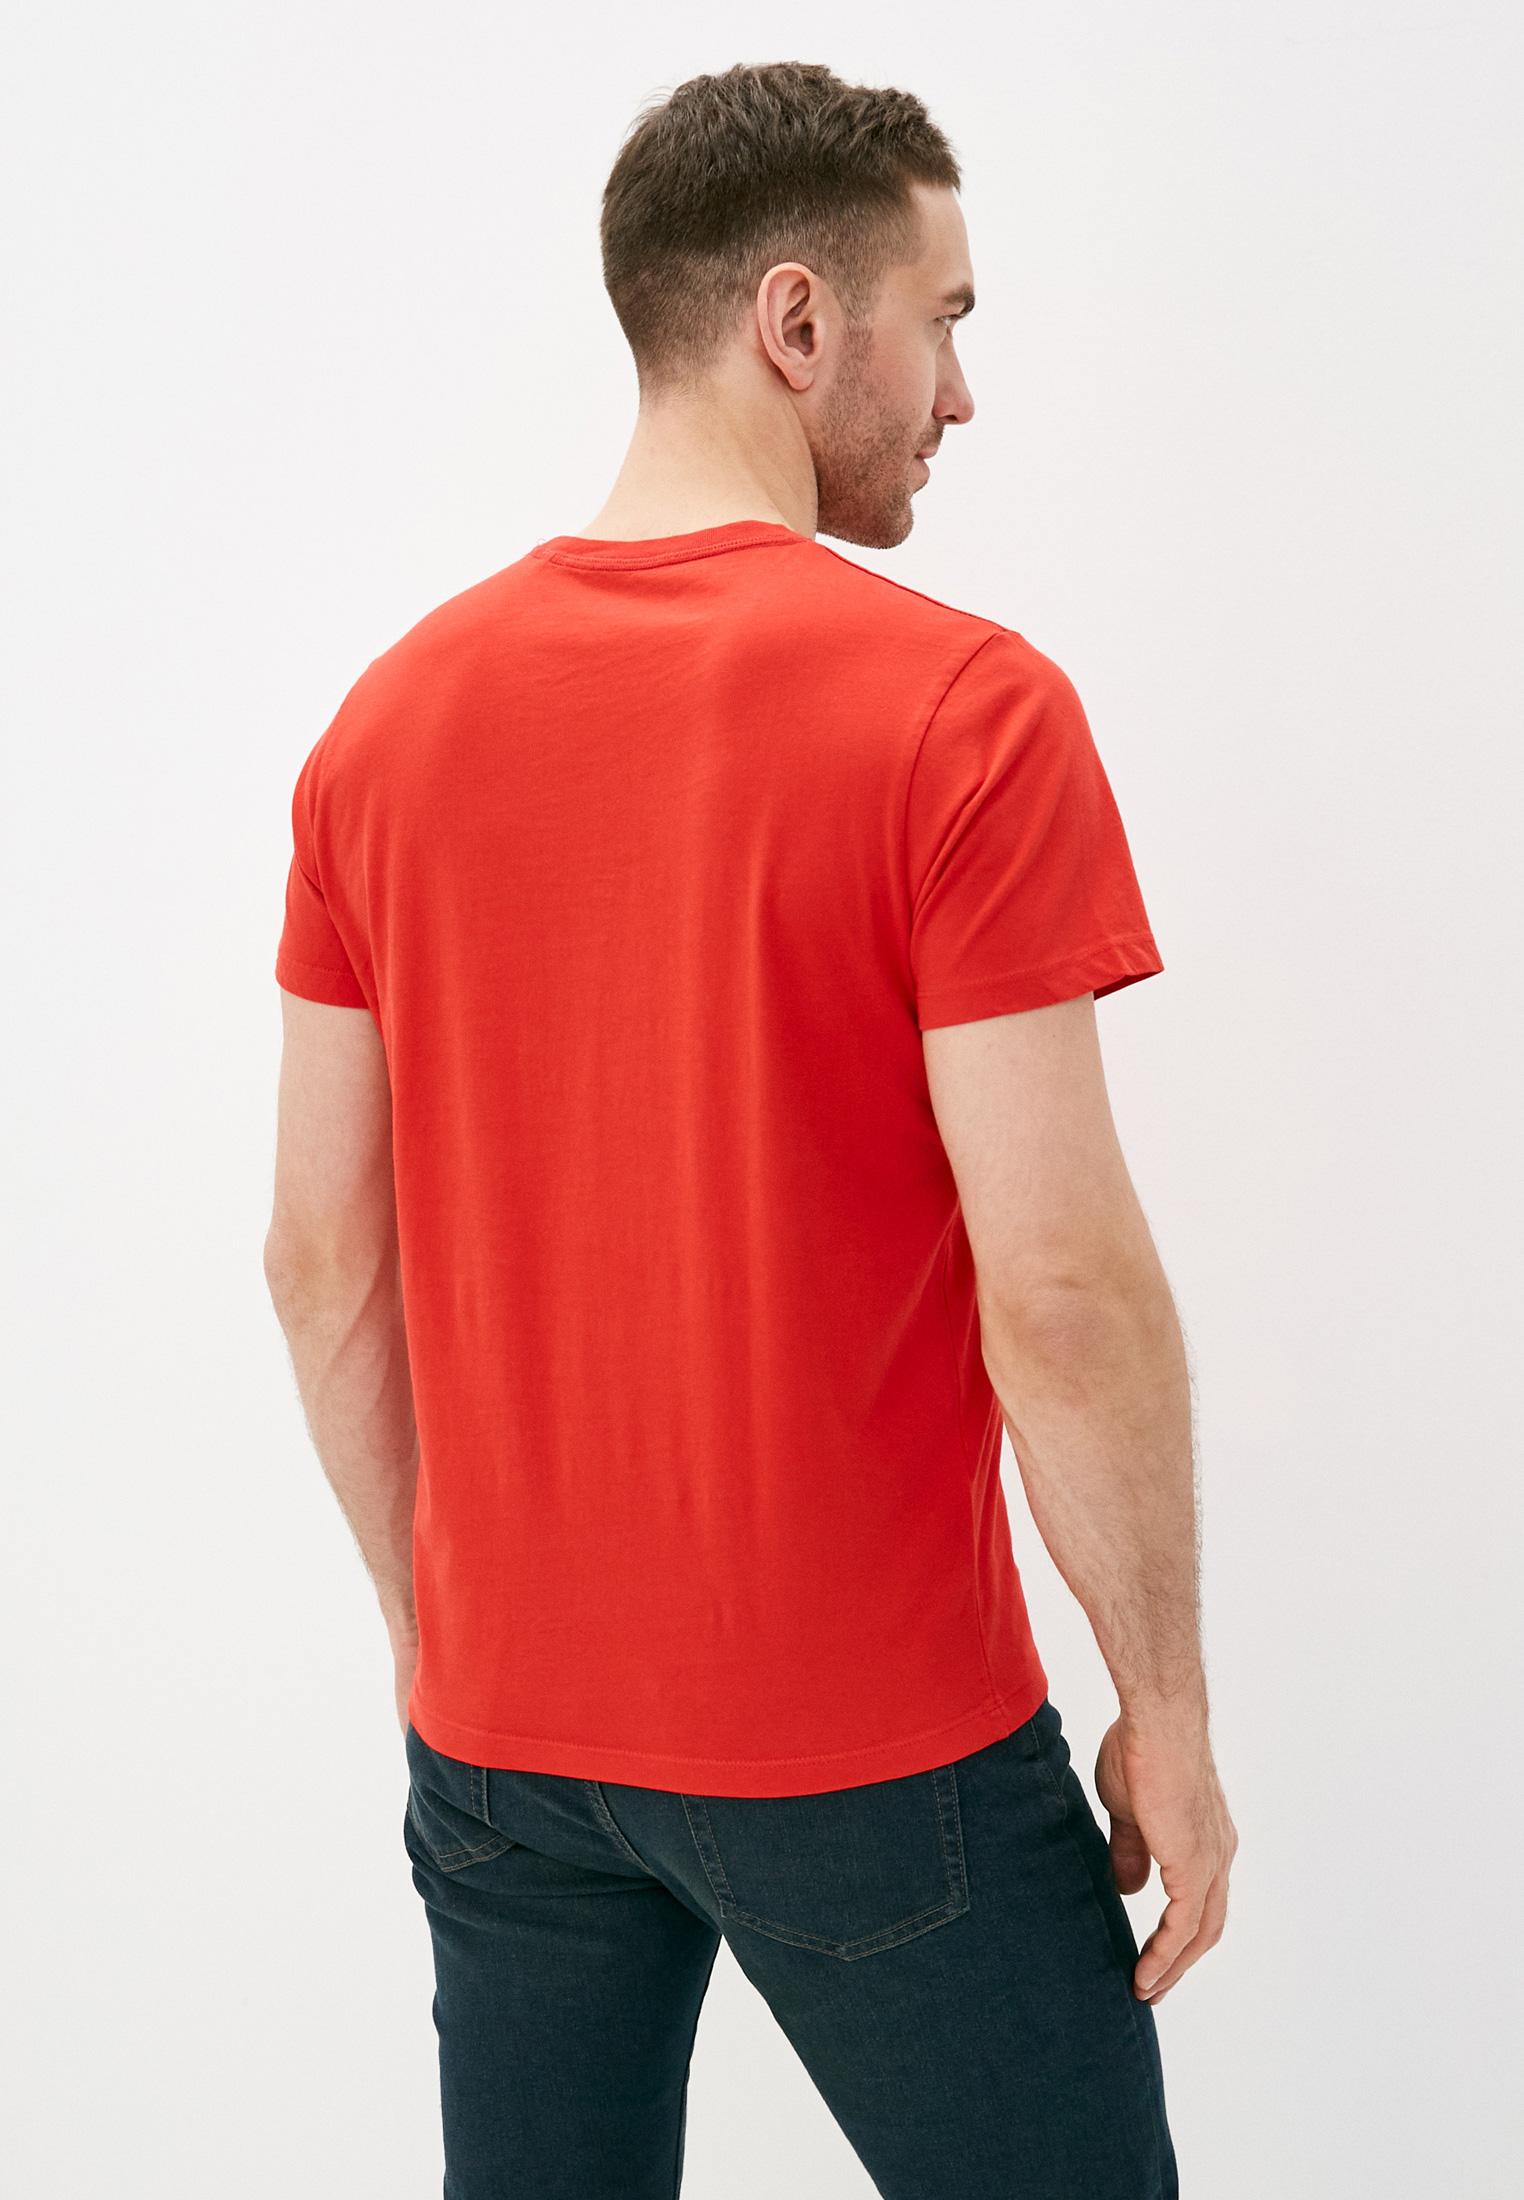 Футболка с коротким рукавом Pepe Jeans (Пепе Джинс) PM507286: изображение 2